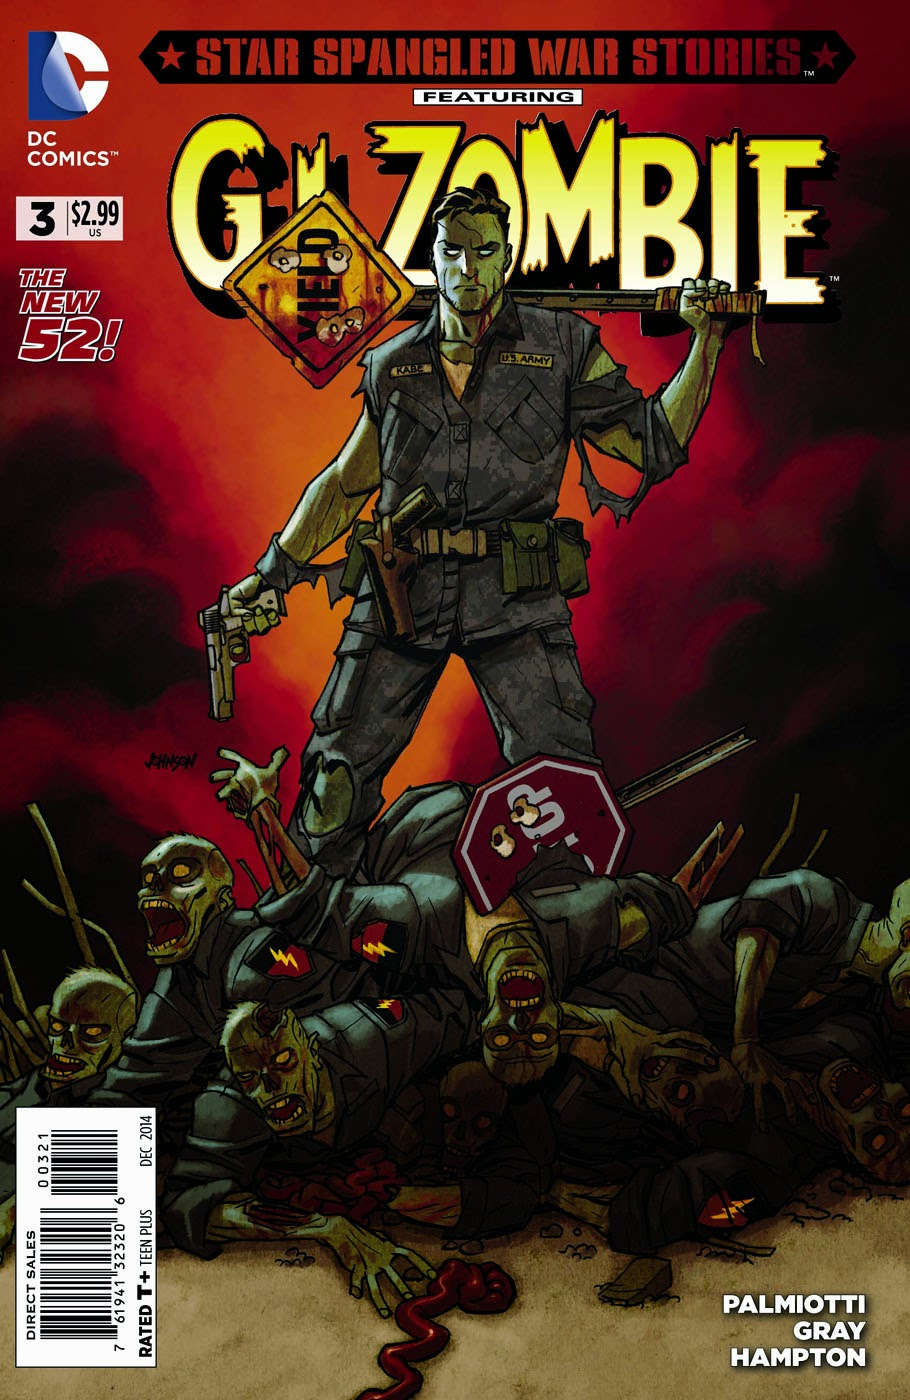 http://www.mediafire.com/download/mysw6o569854tiq/Star+Spangled+War+Stories+03+G.I.Comics+Hawk-Duke.cbr